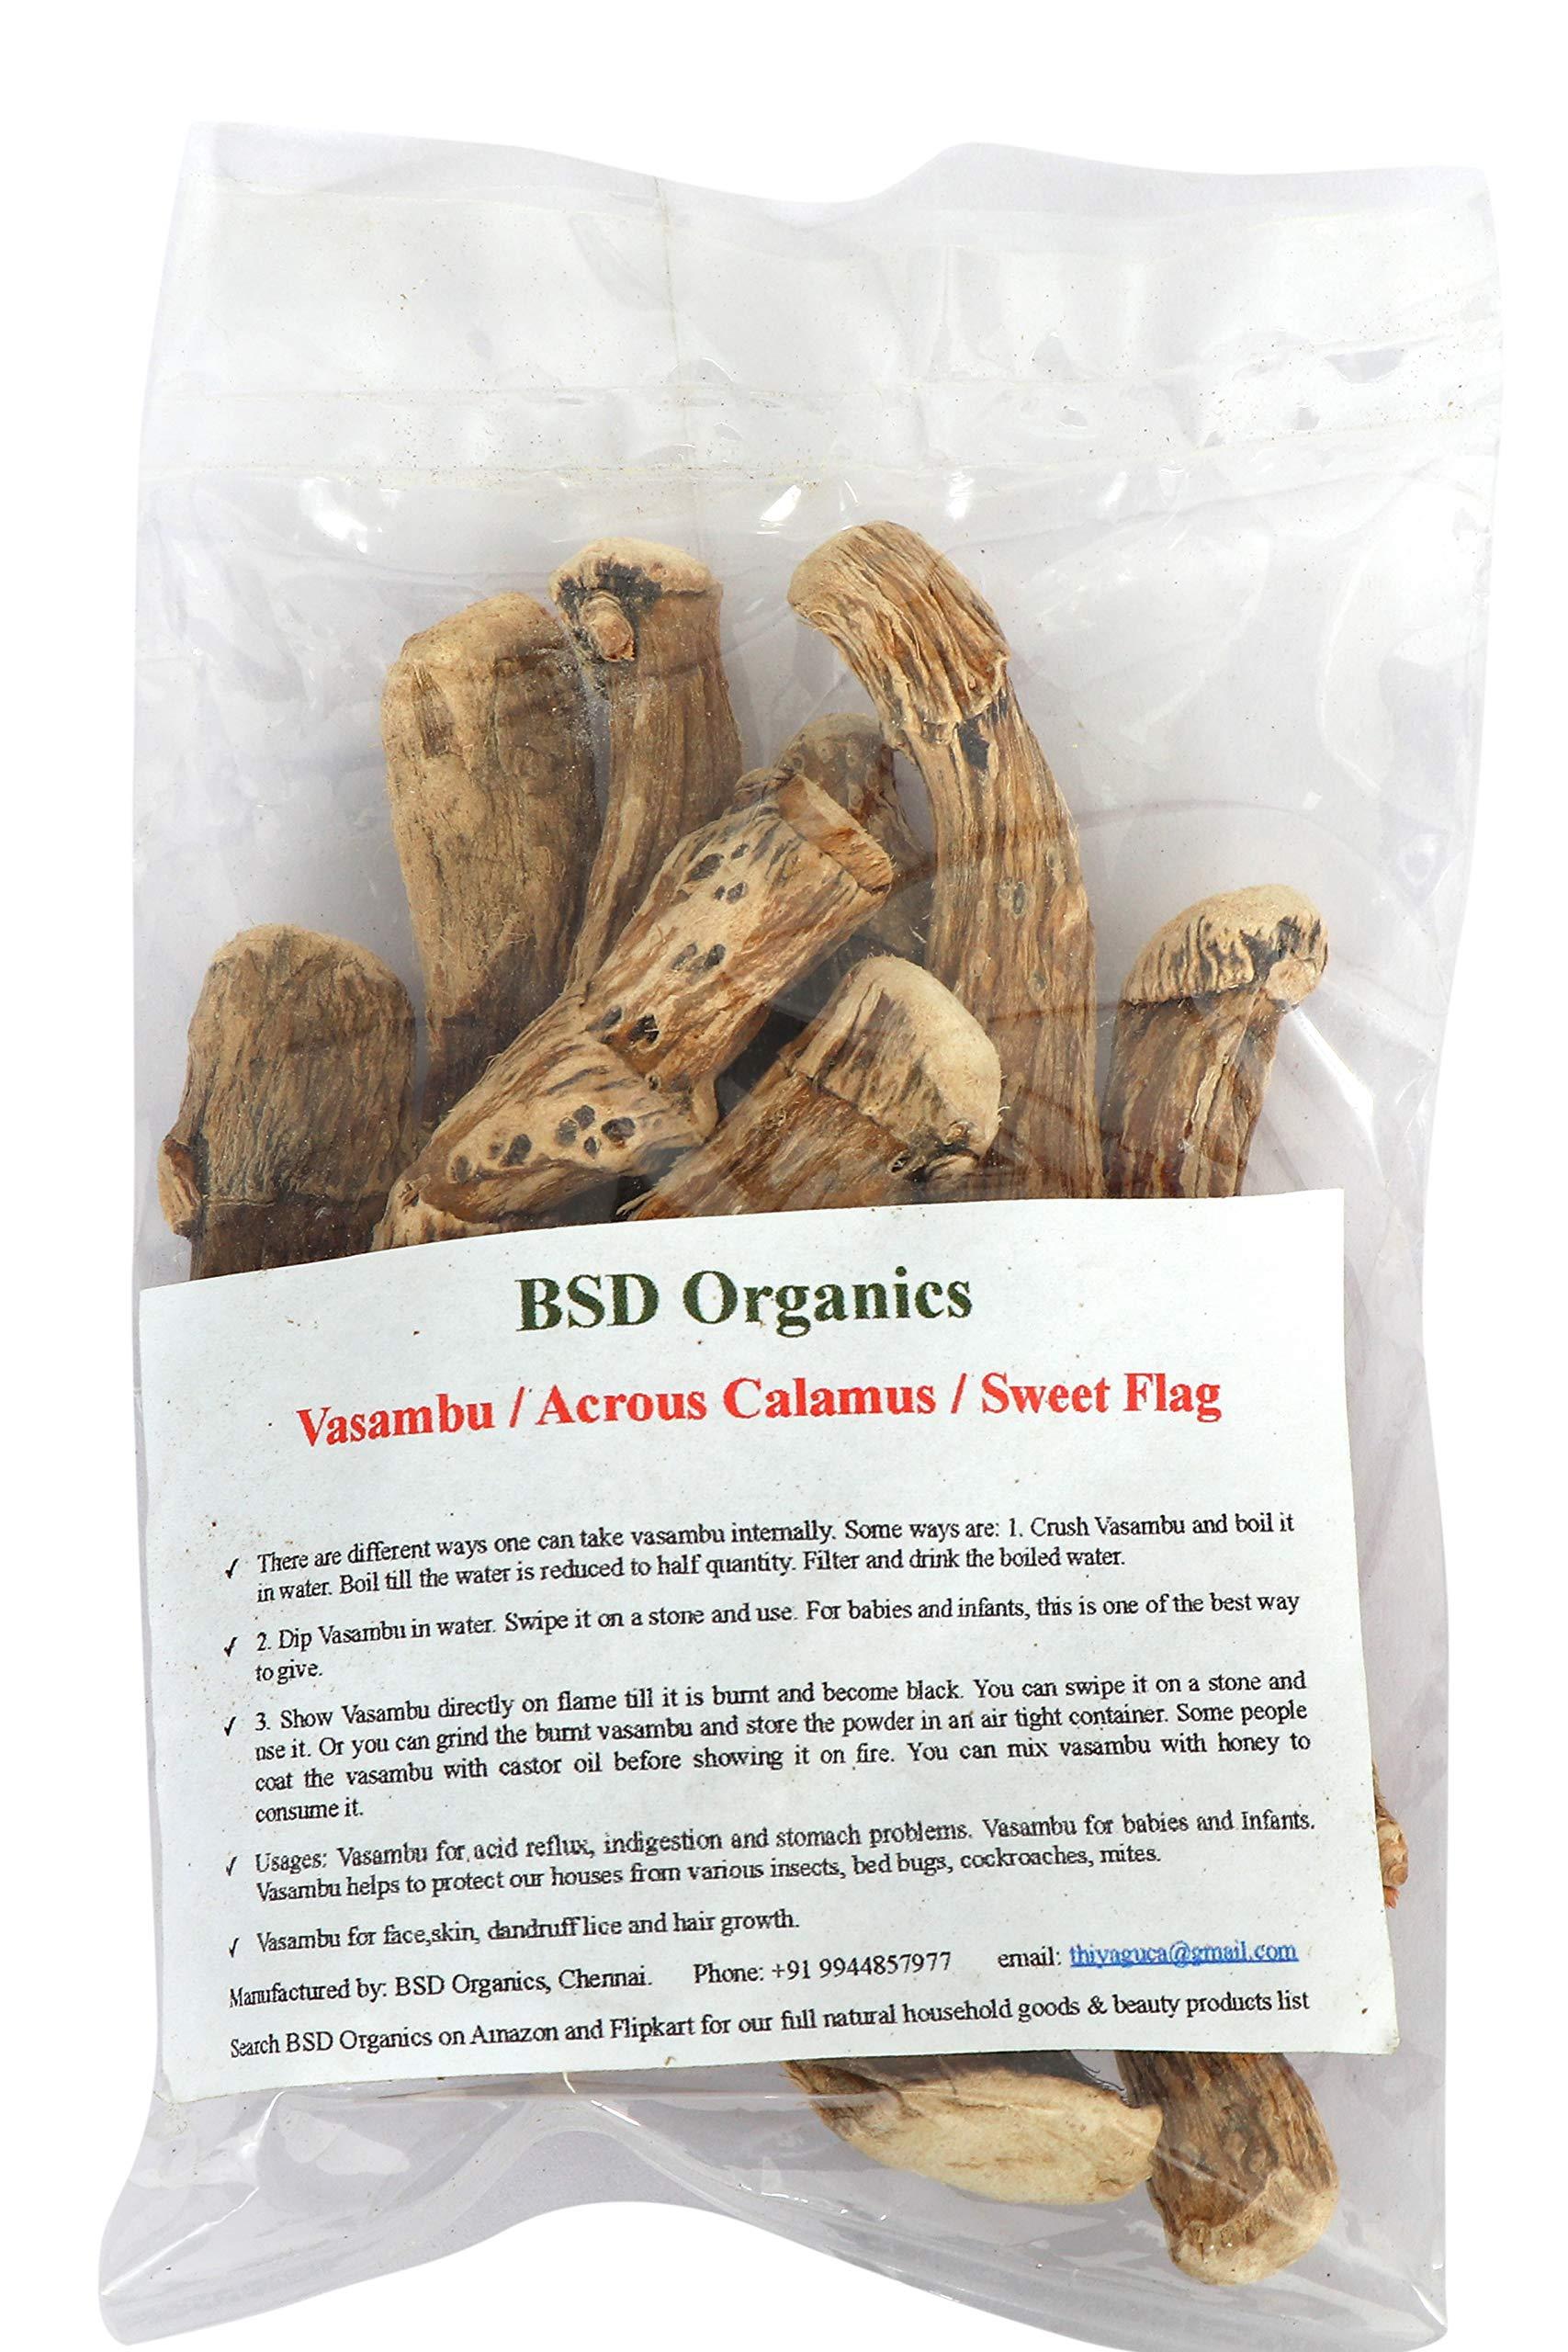 BSD Organics Vasambu/Acrous Calamus/Sweet Flag - 100 gms